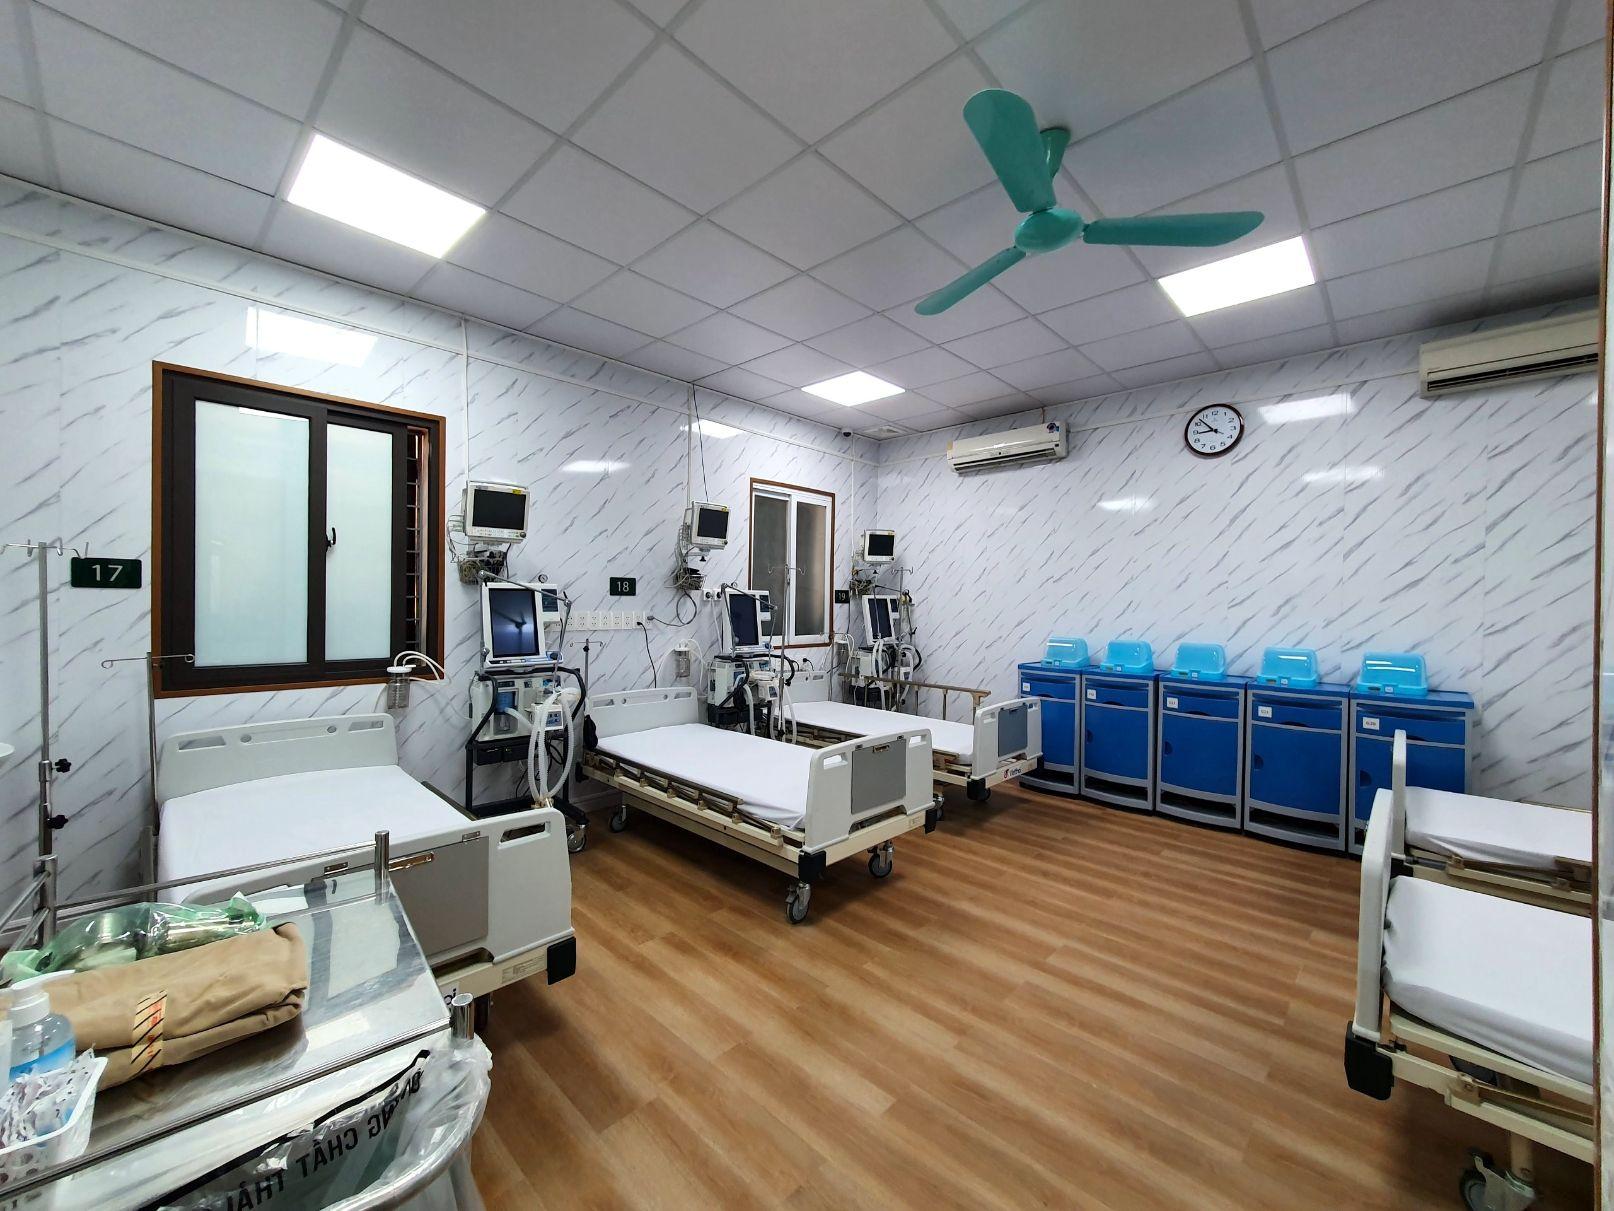 trung tam DQ 2 - Vật liệu nội thất mới cho thiết kế bệnh viện hiện đại